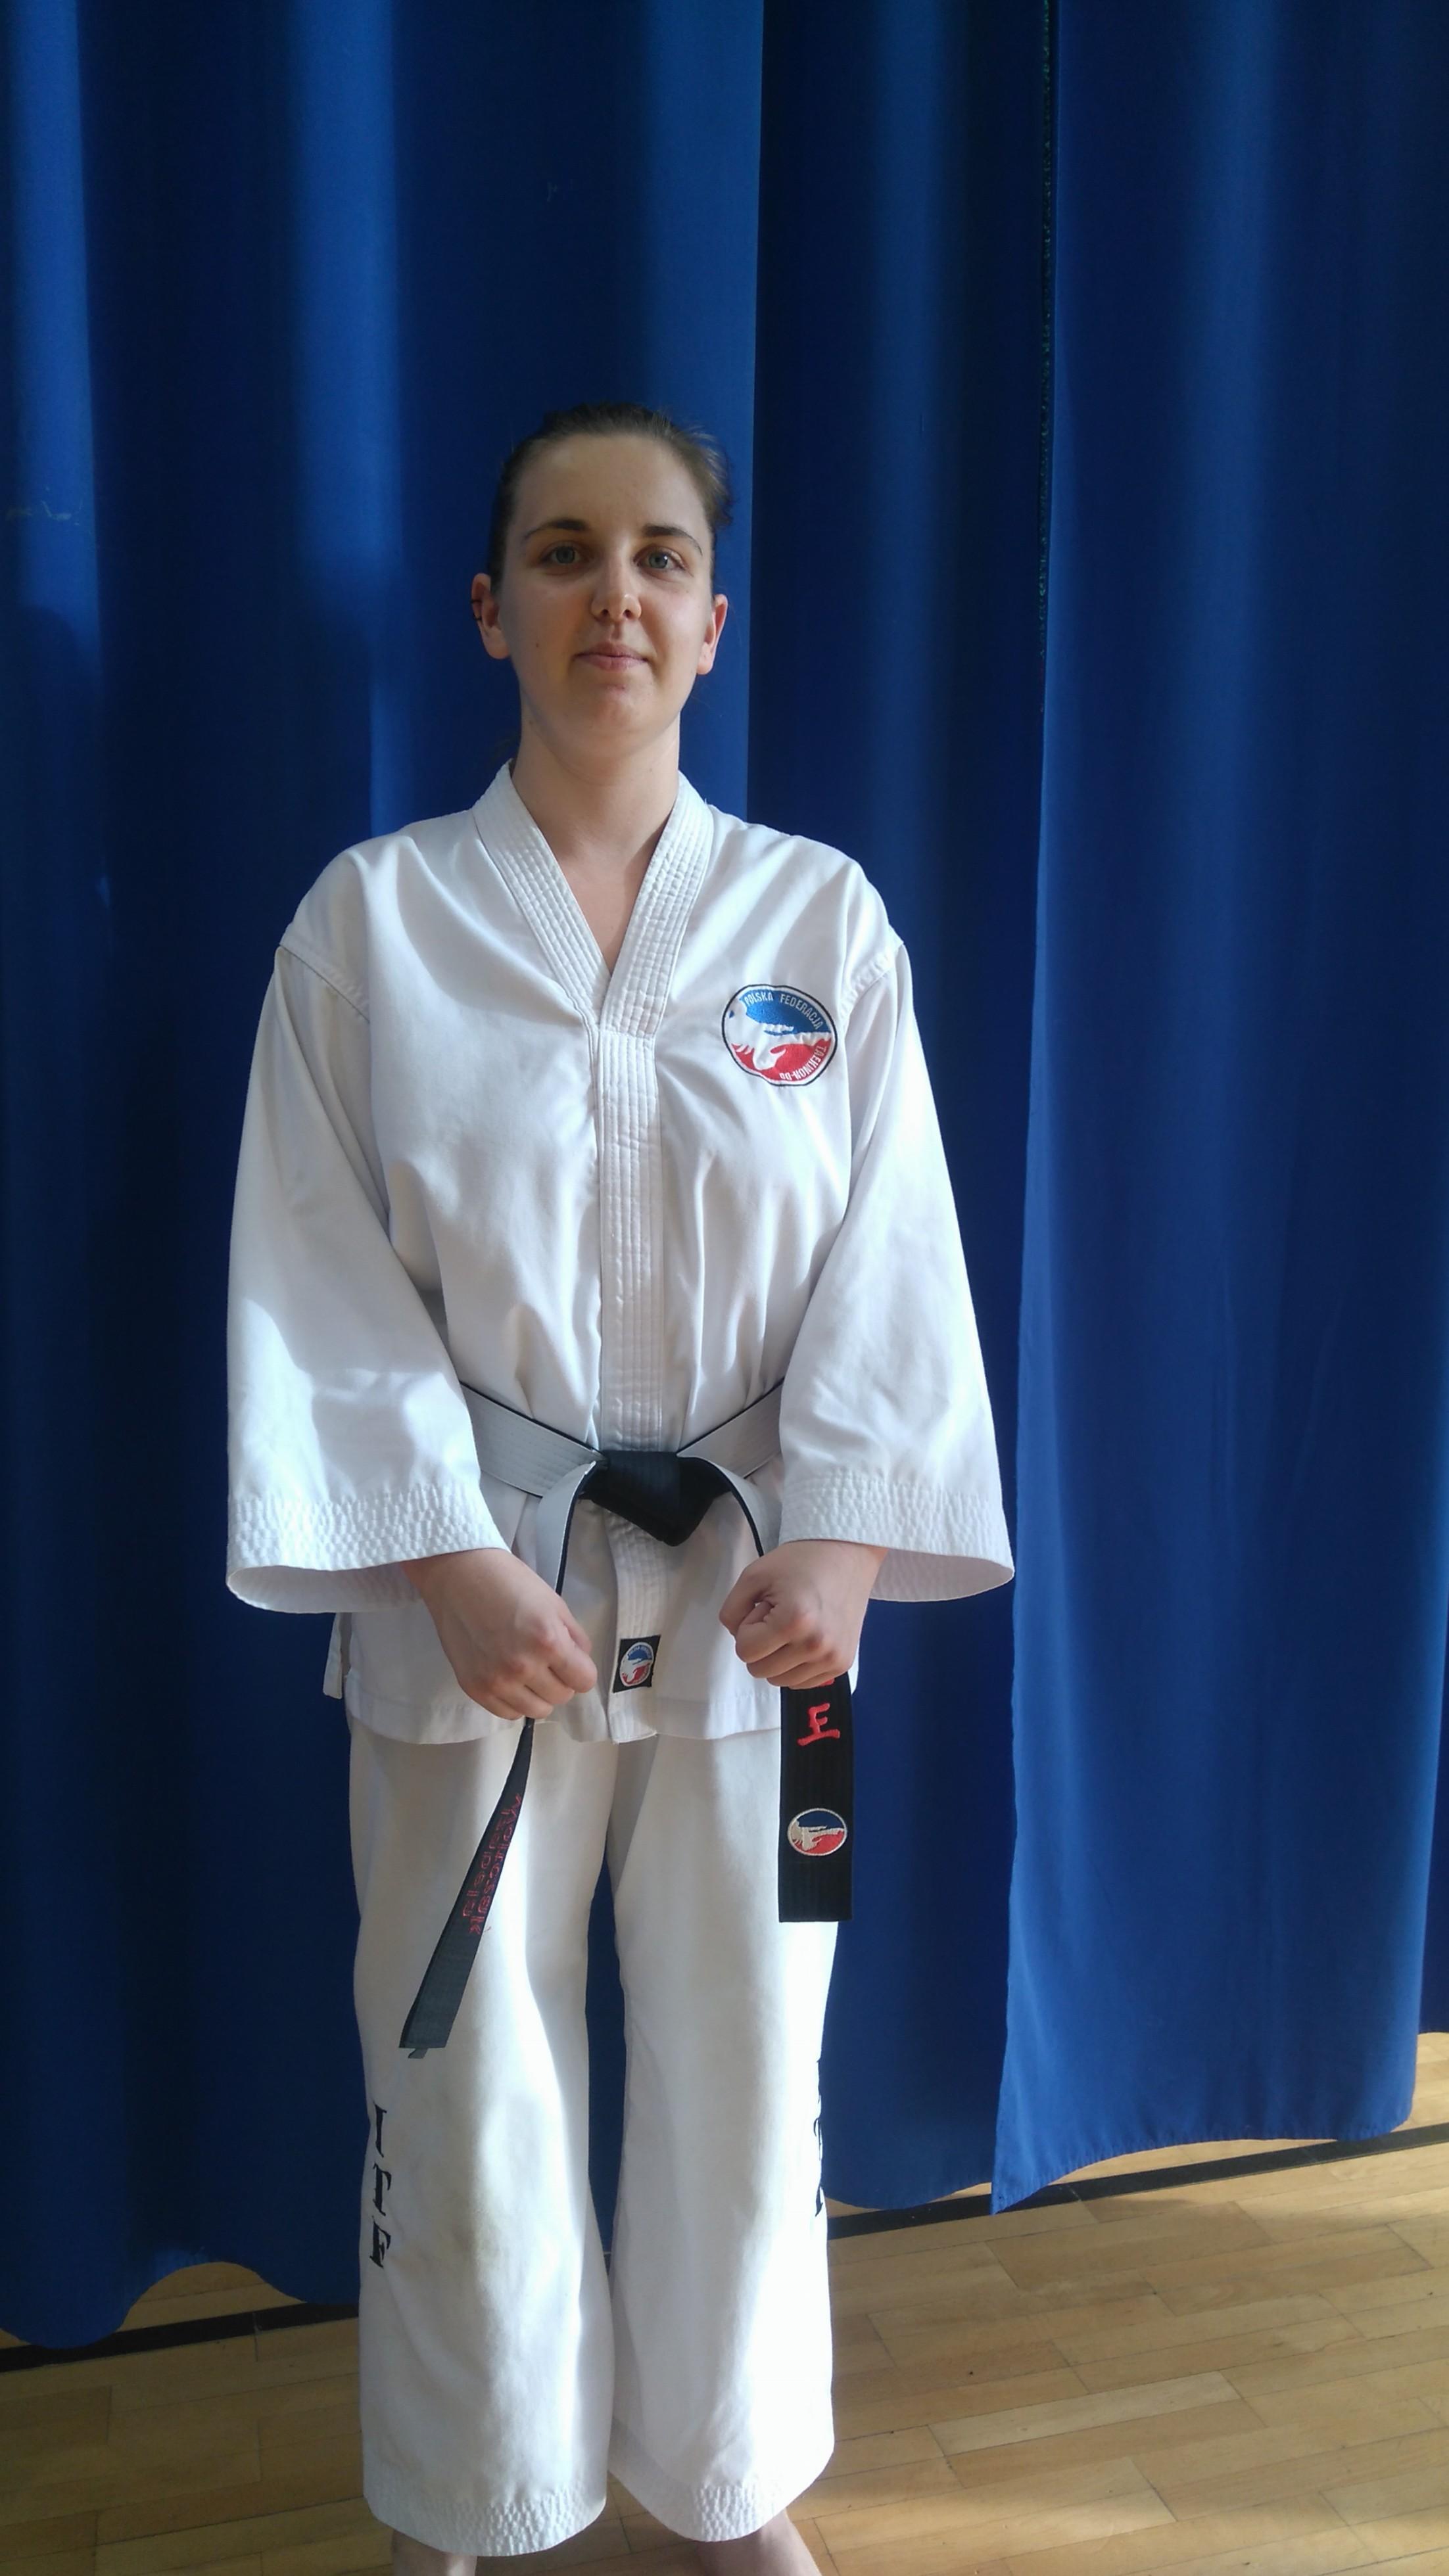 Izabela Wojtczak Asystenci Taekwondo Gromowski Toruń Chełmża